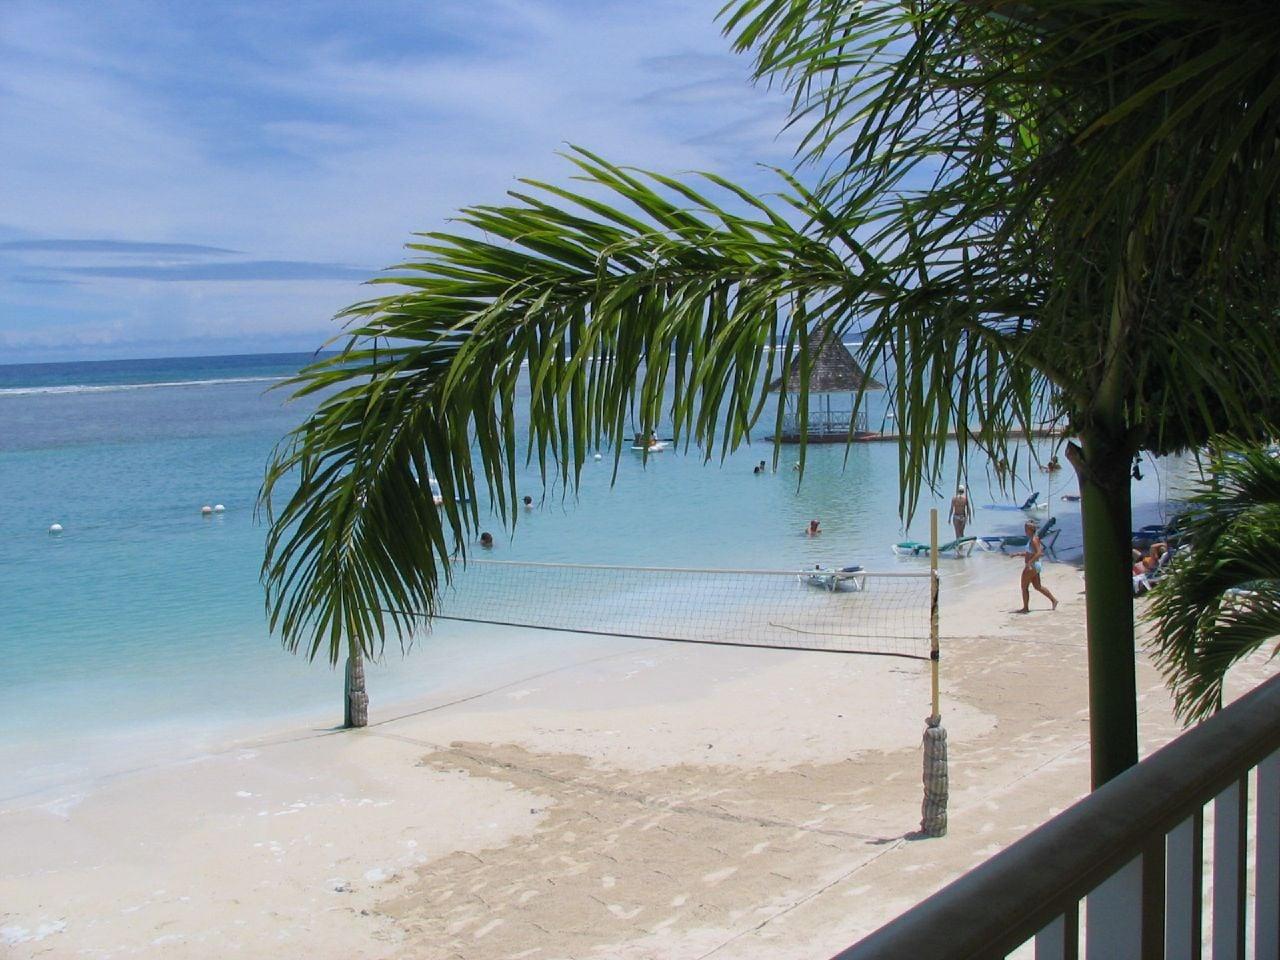 02cc4b908 Sandals Resort Giveaway